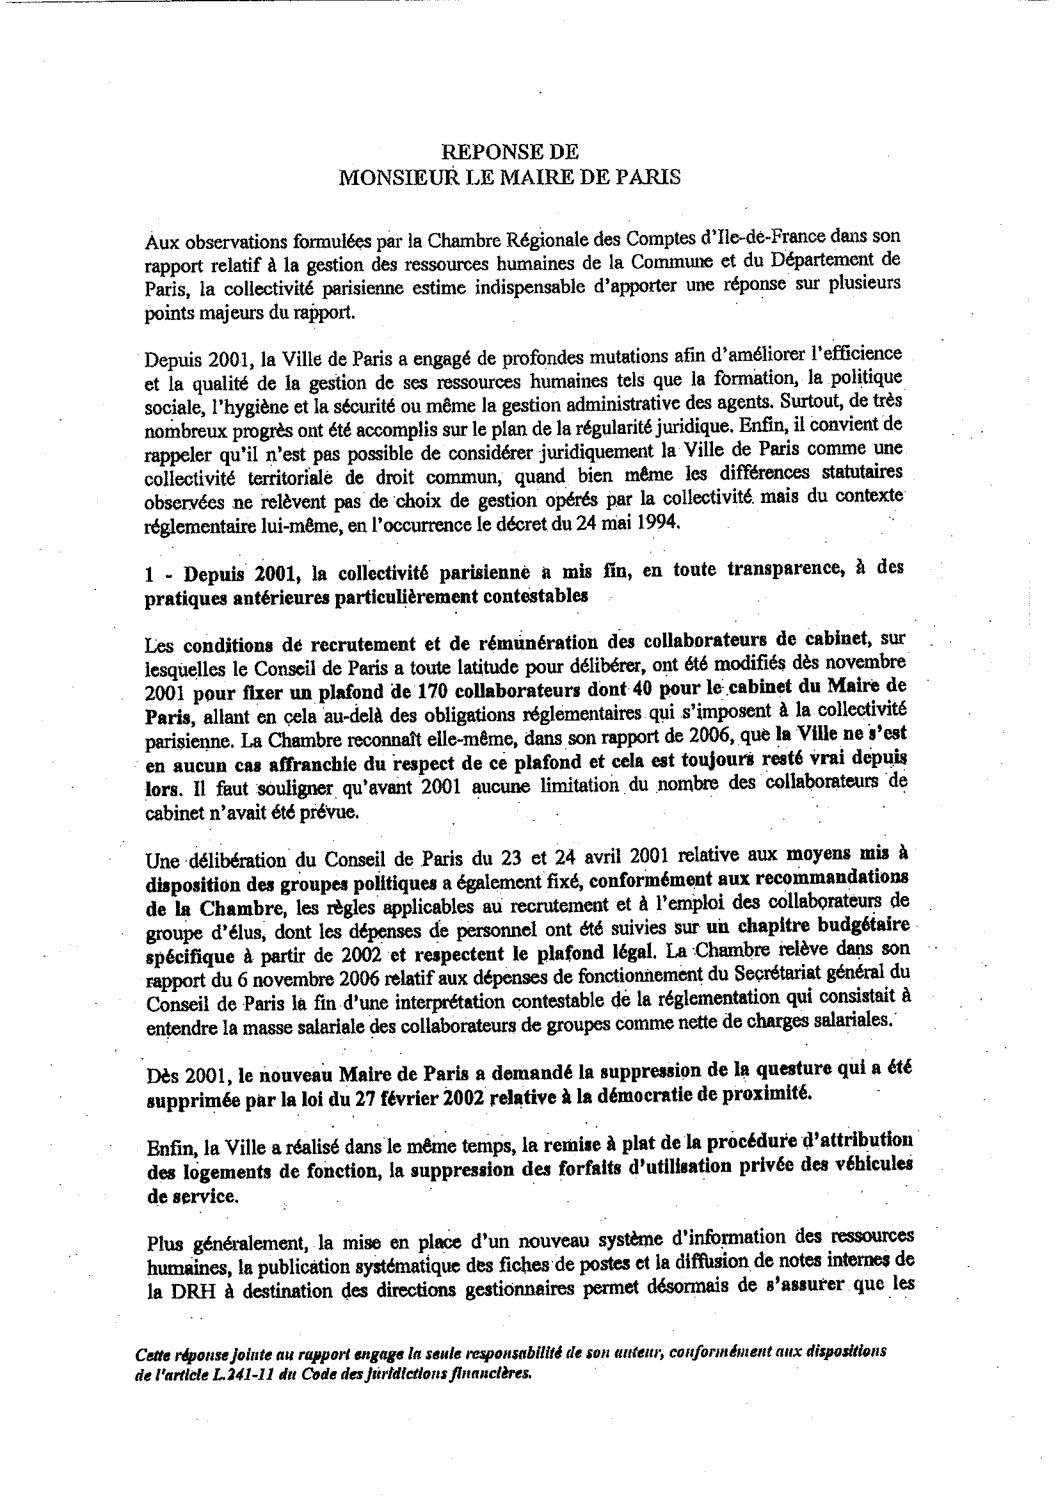 Calam o r ponse du maire de paris au rapport de la - Chambre regionale des comptes recrutement ...